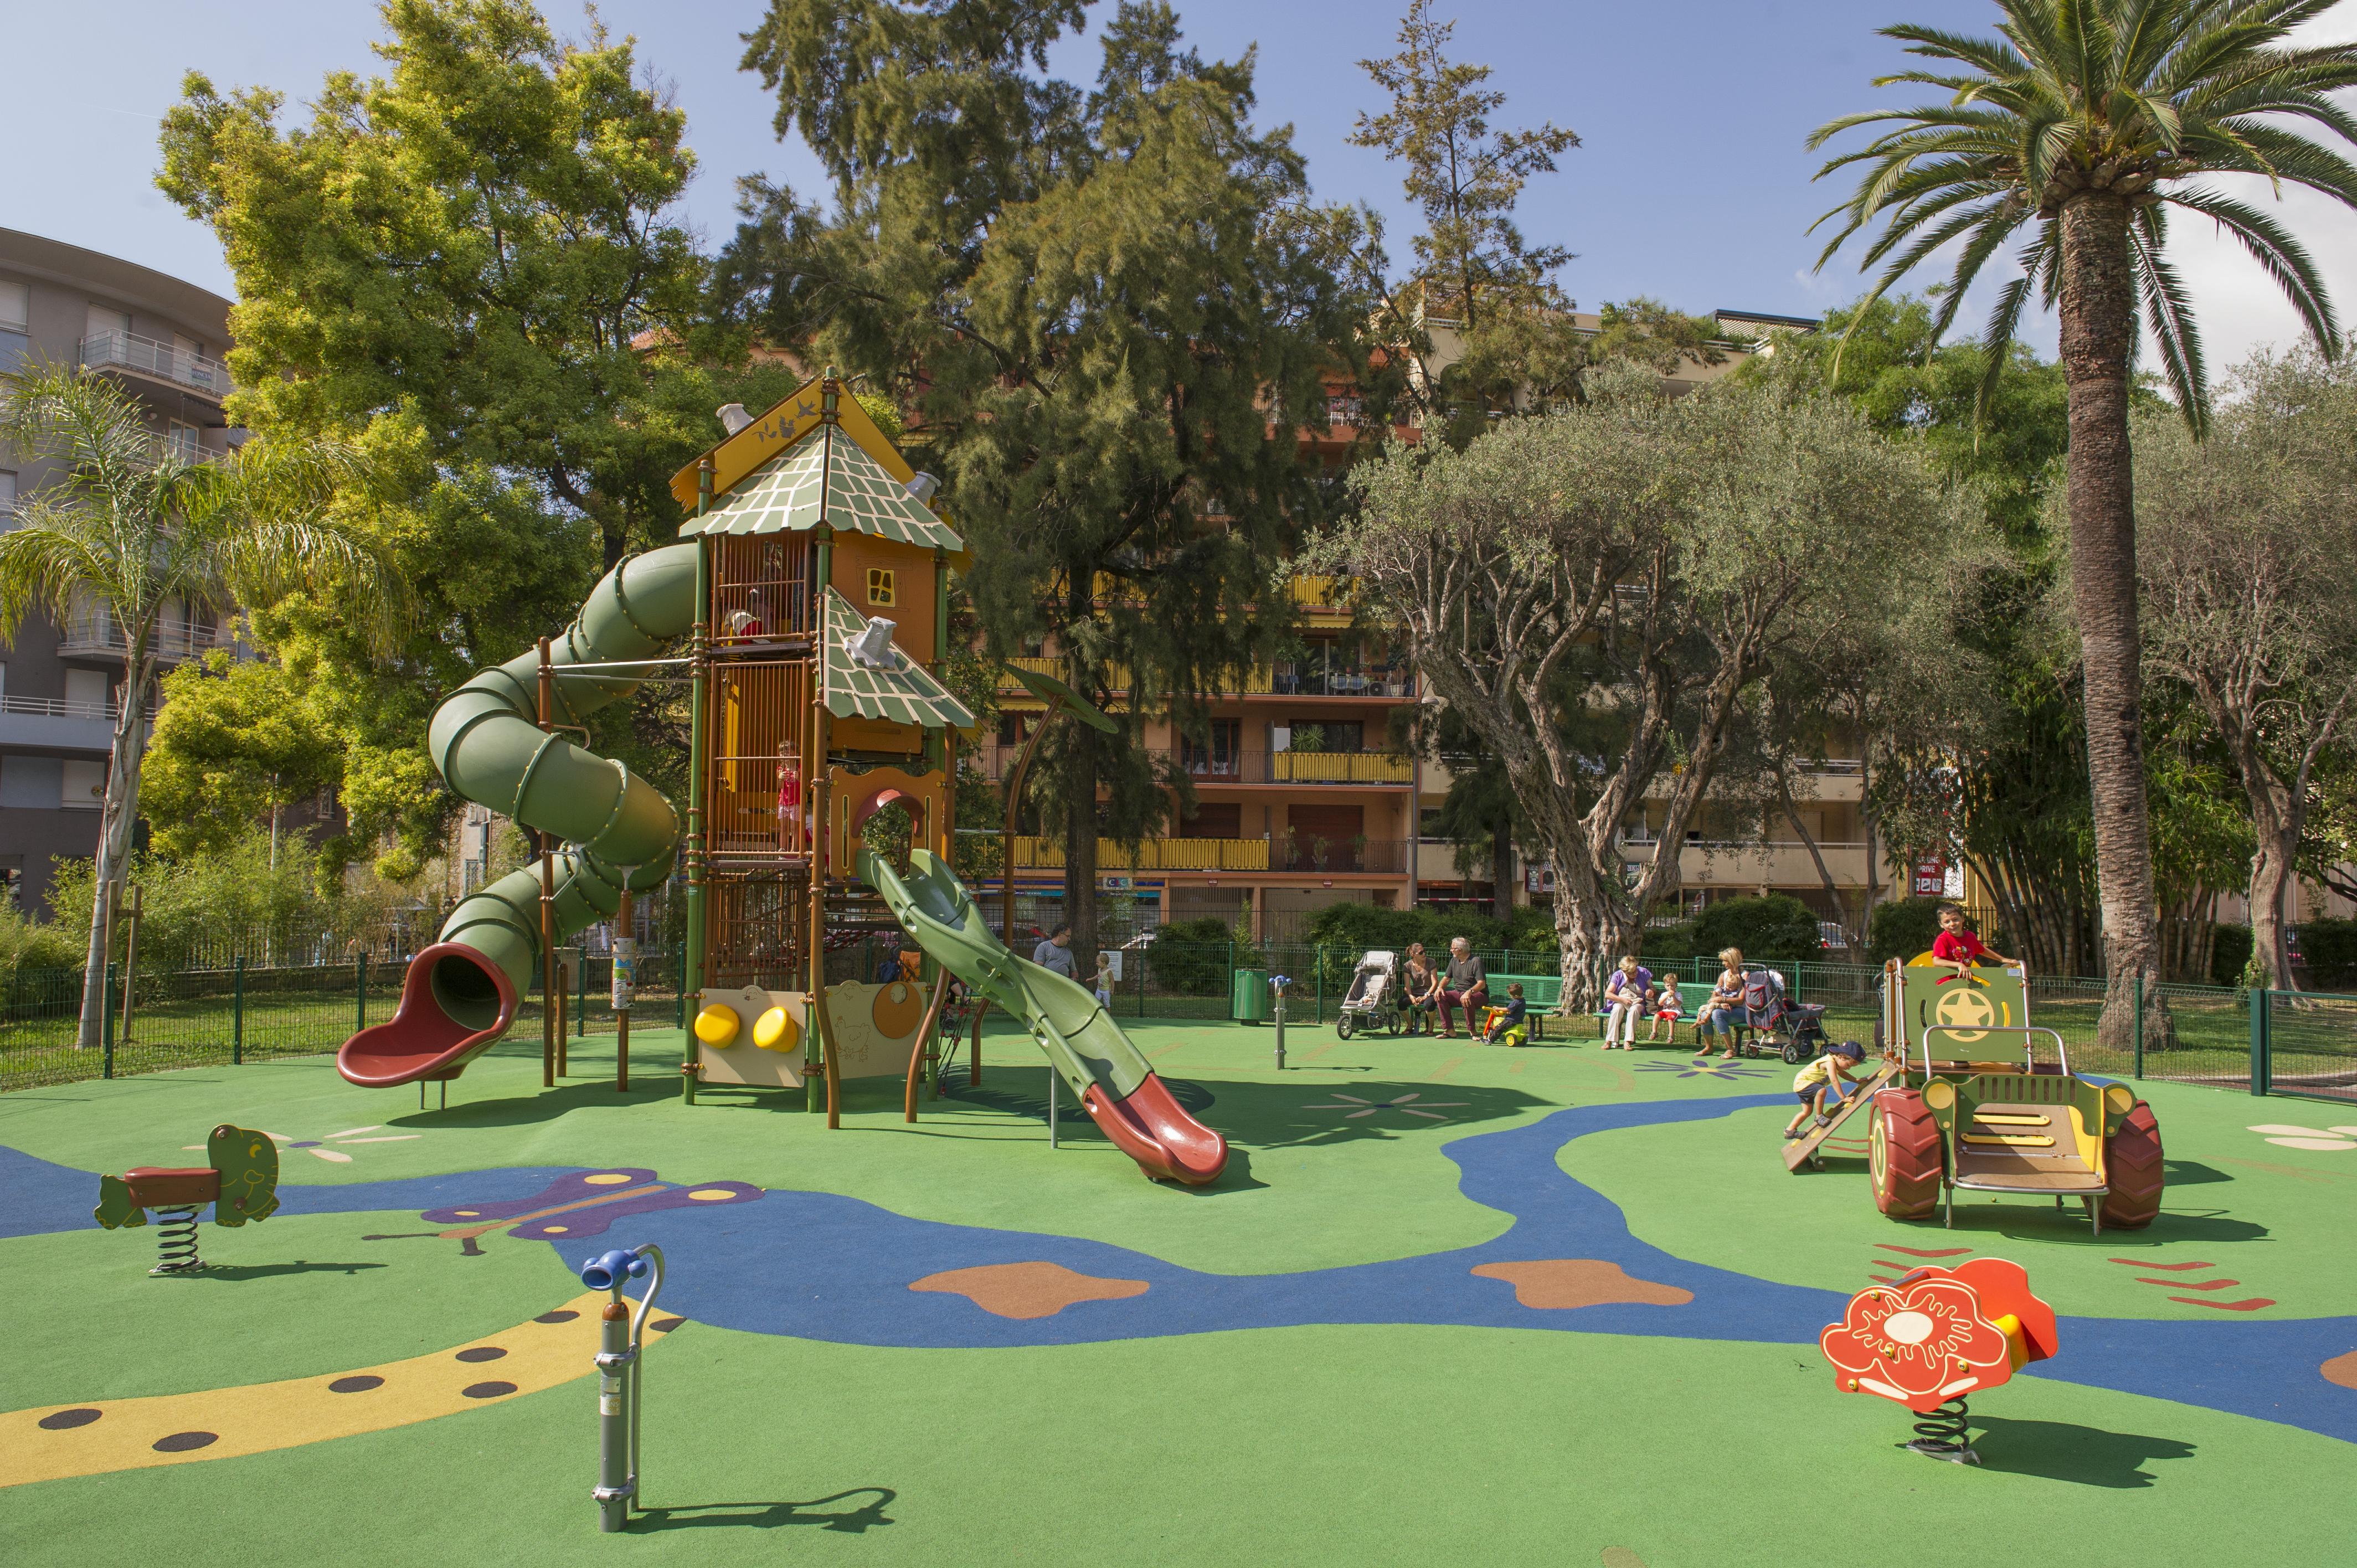 Espaces de jeux et activités adaptés aux tout petits